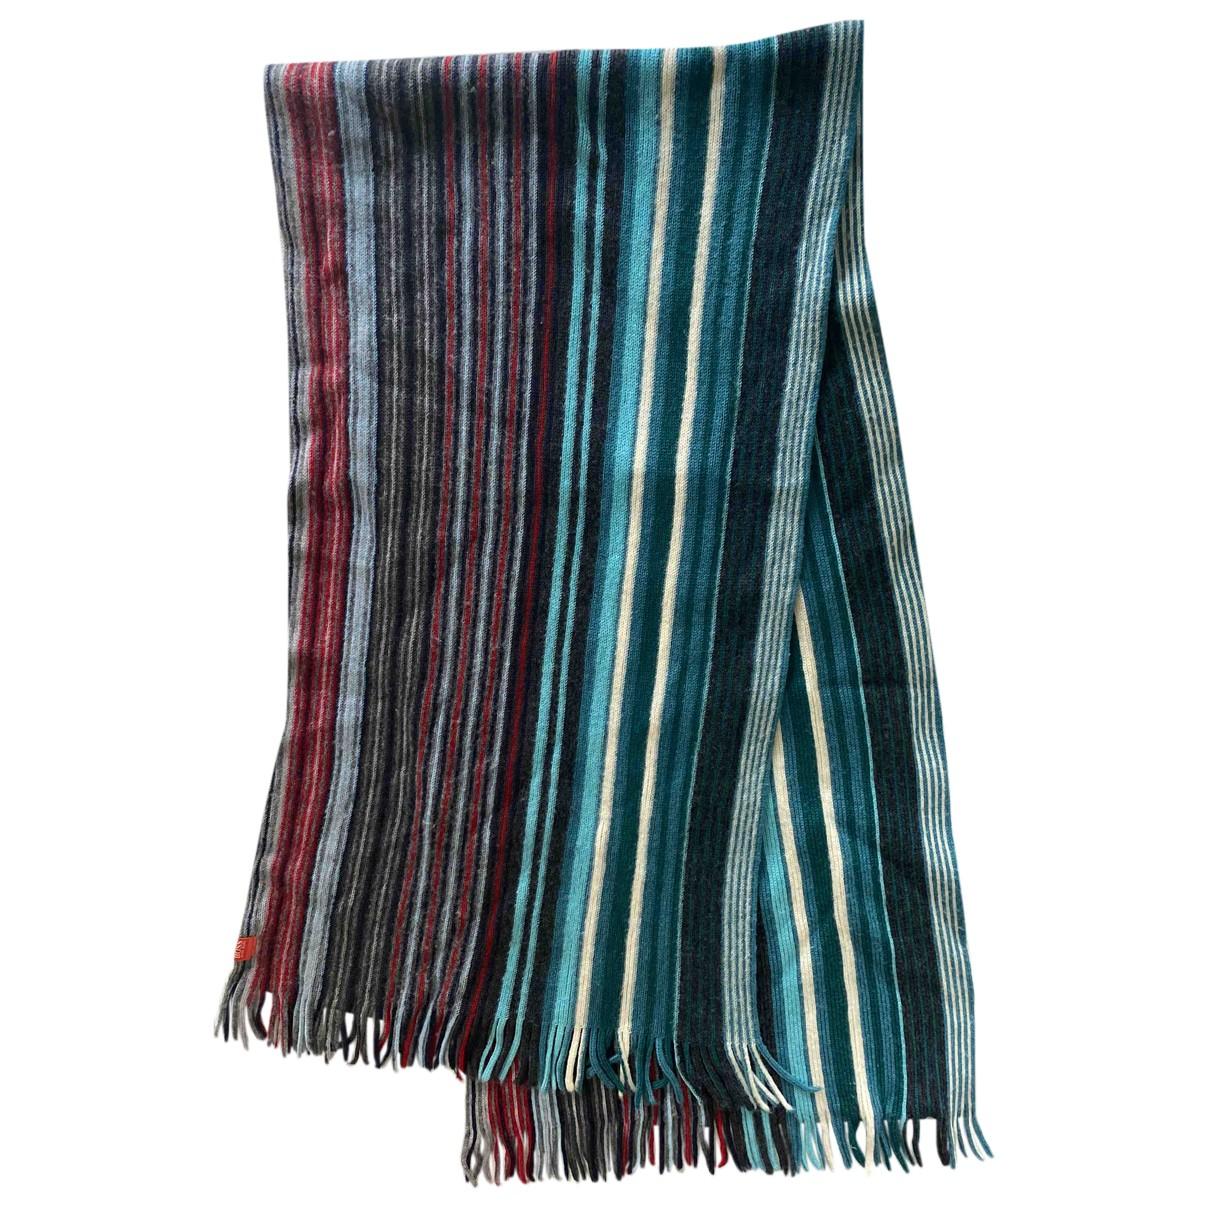 Hugo Boss - Cheches.Echarpes   pour homme en laine - multicolore